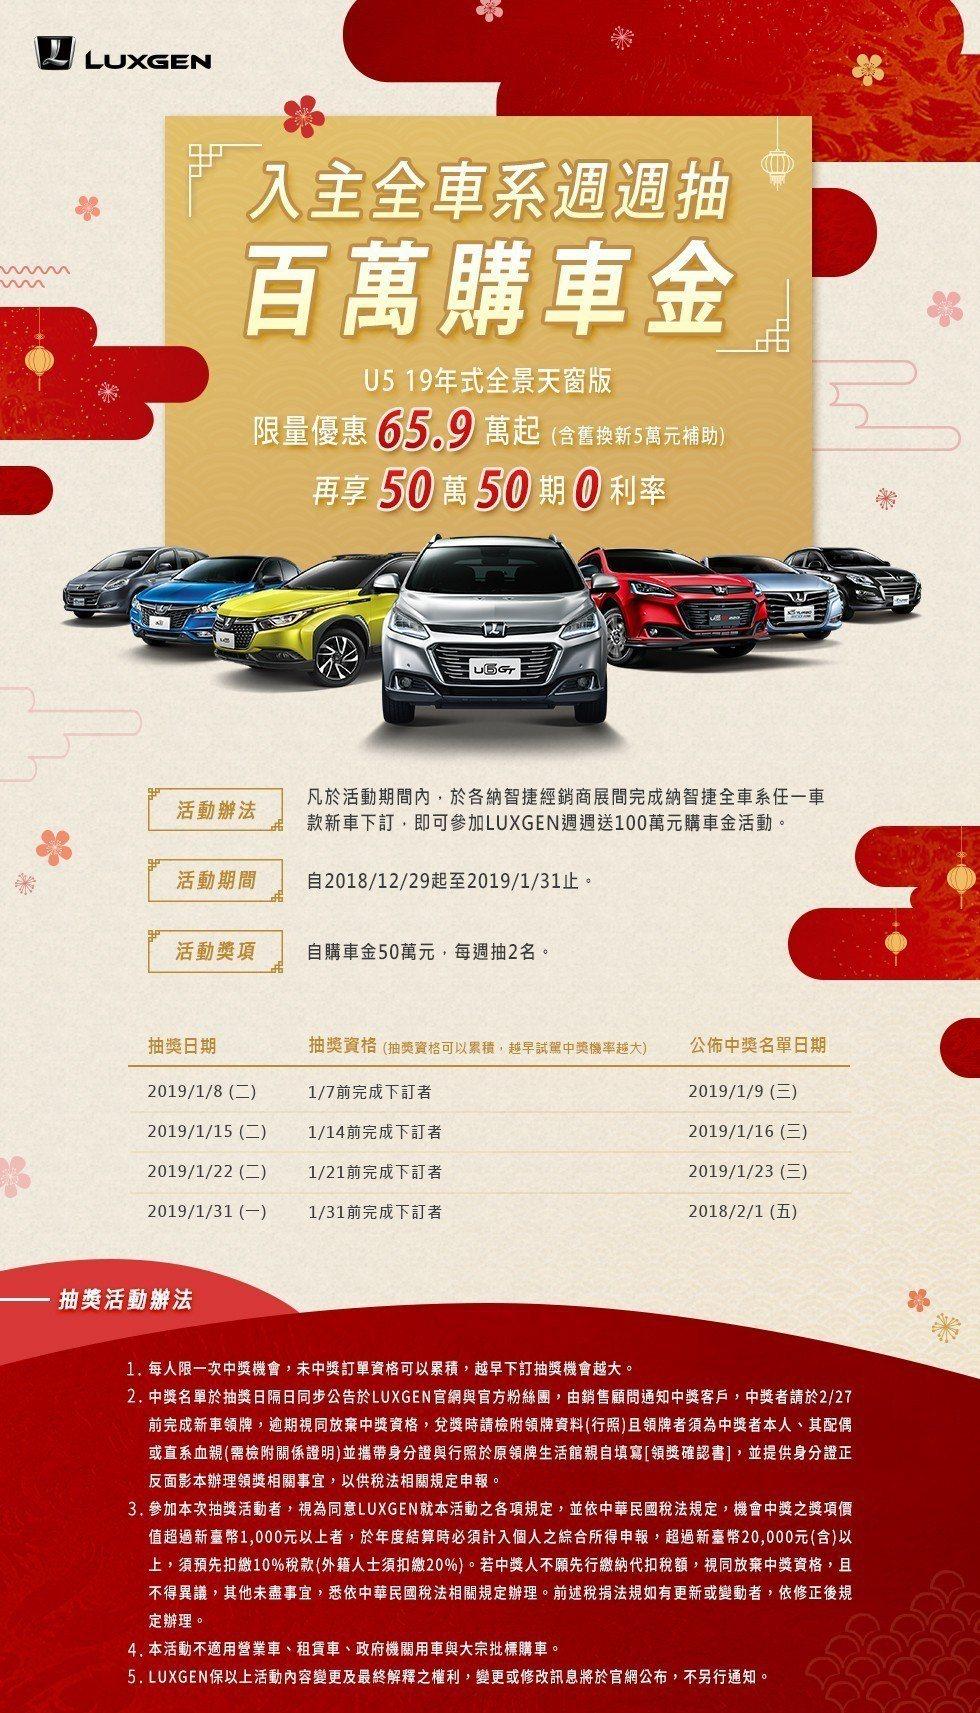 LUXGEN入主全車系周周抽百萬購車金。 圖/LUXGEN提供